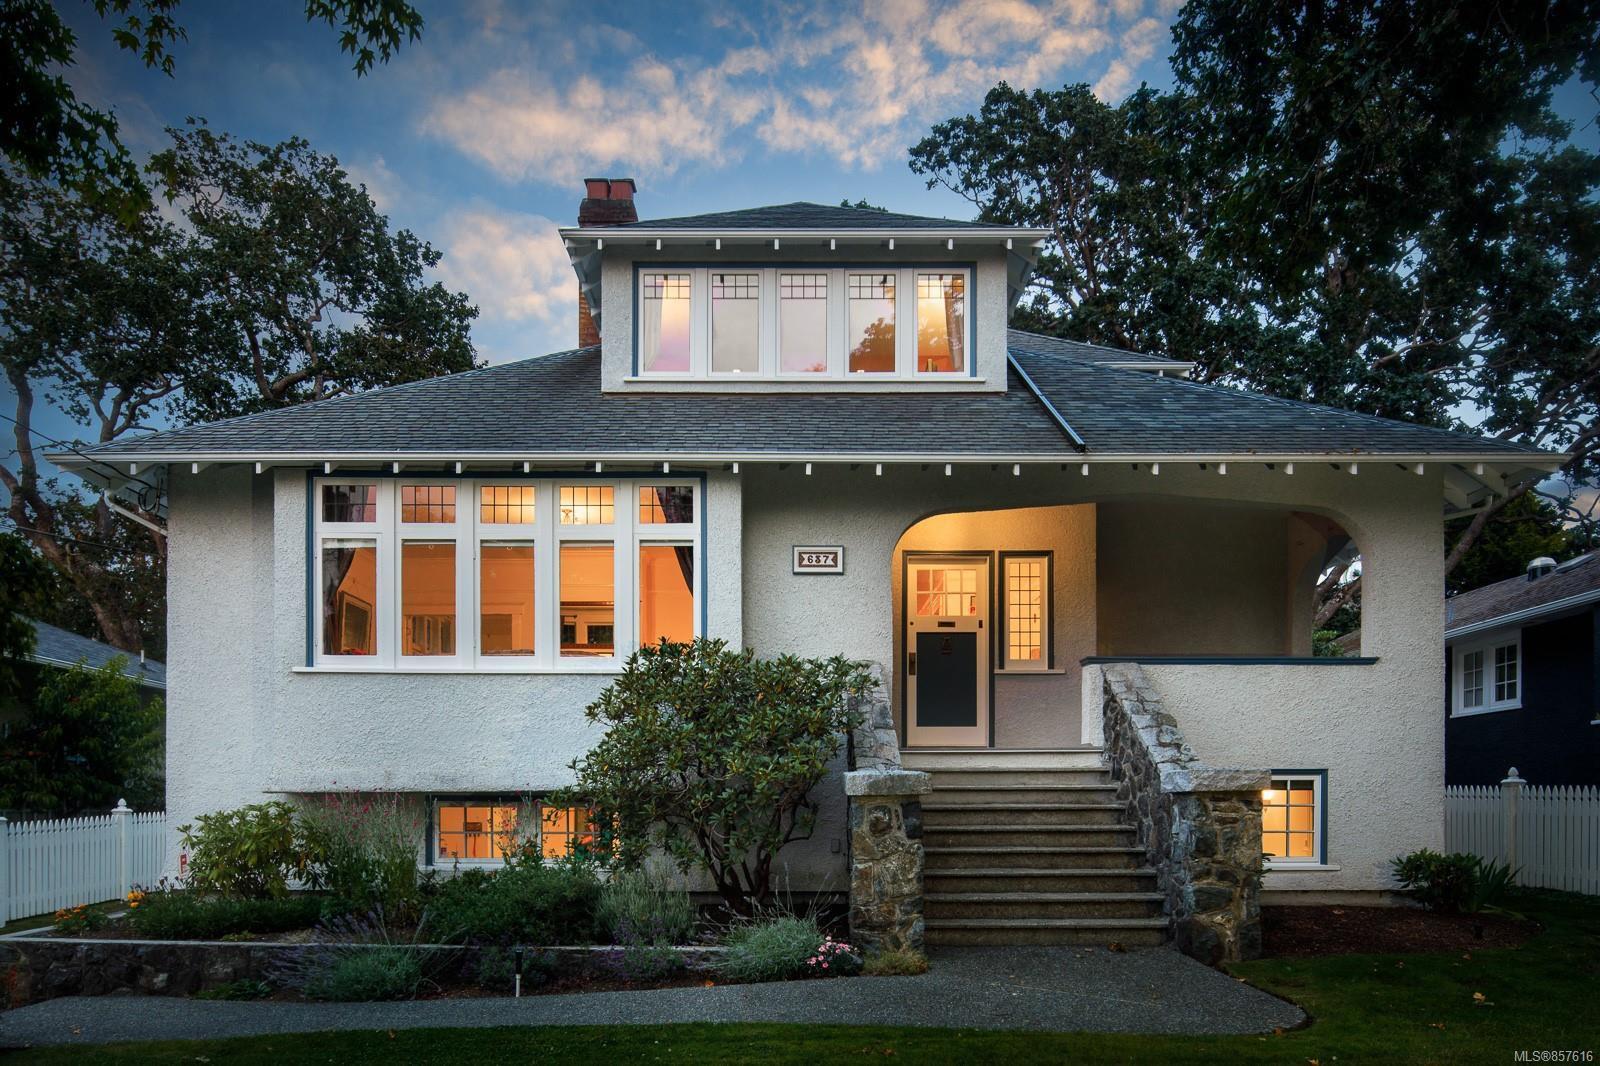 Main Photo: 637 Transit Rd in : OB South Oak Bay House for sale (Oak Bay)  : MLS®# 857616